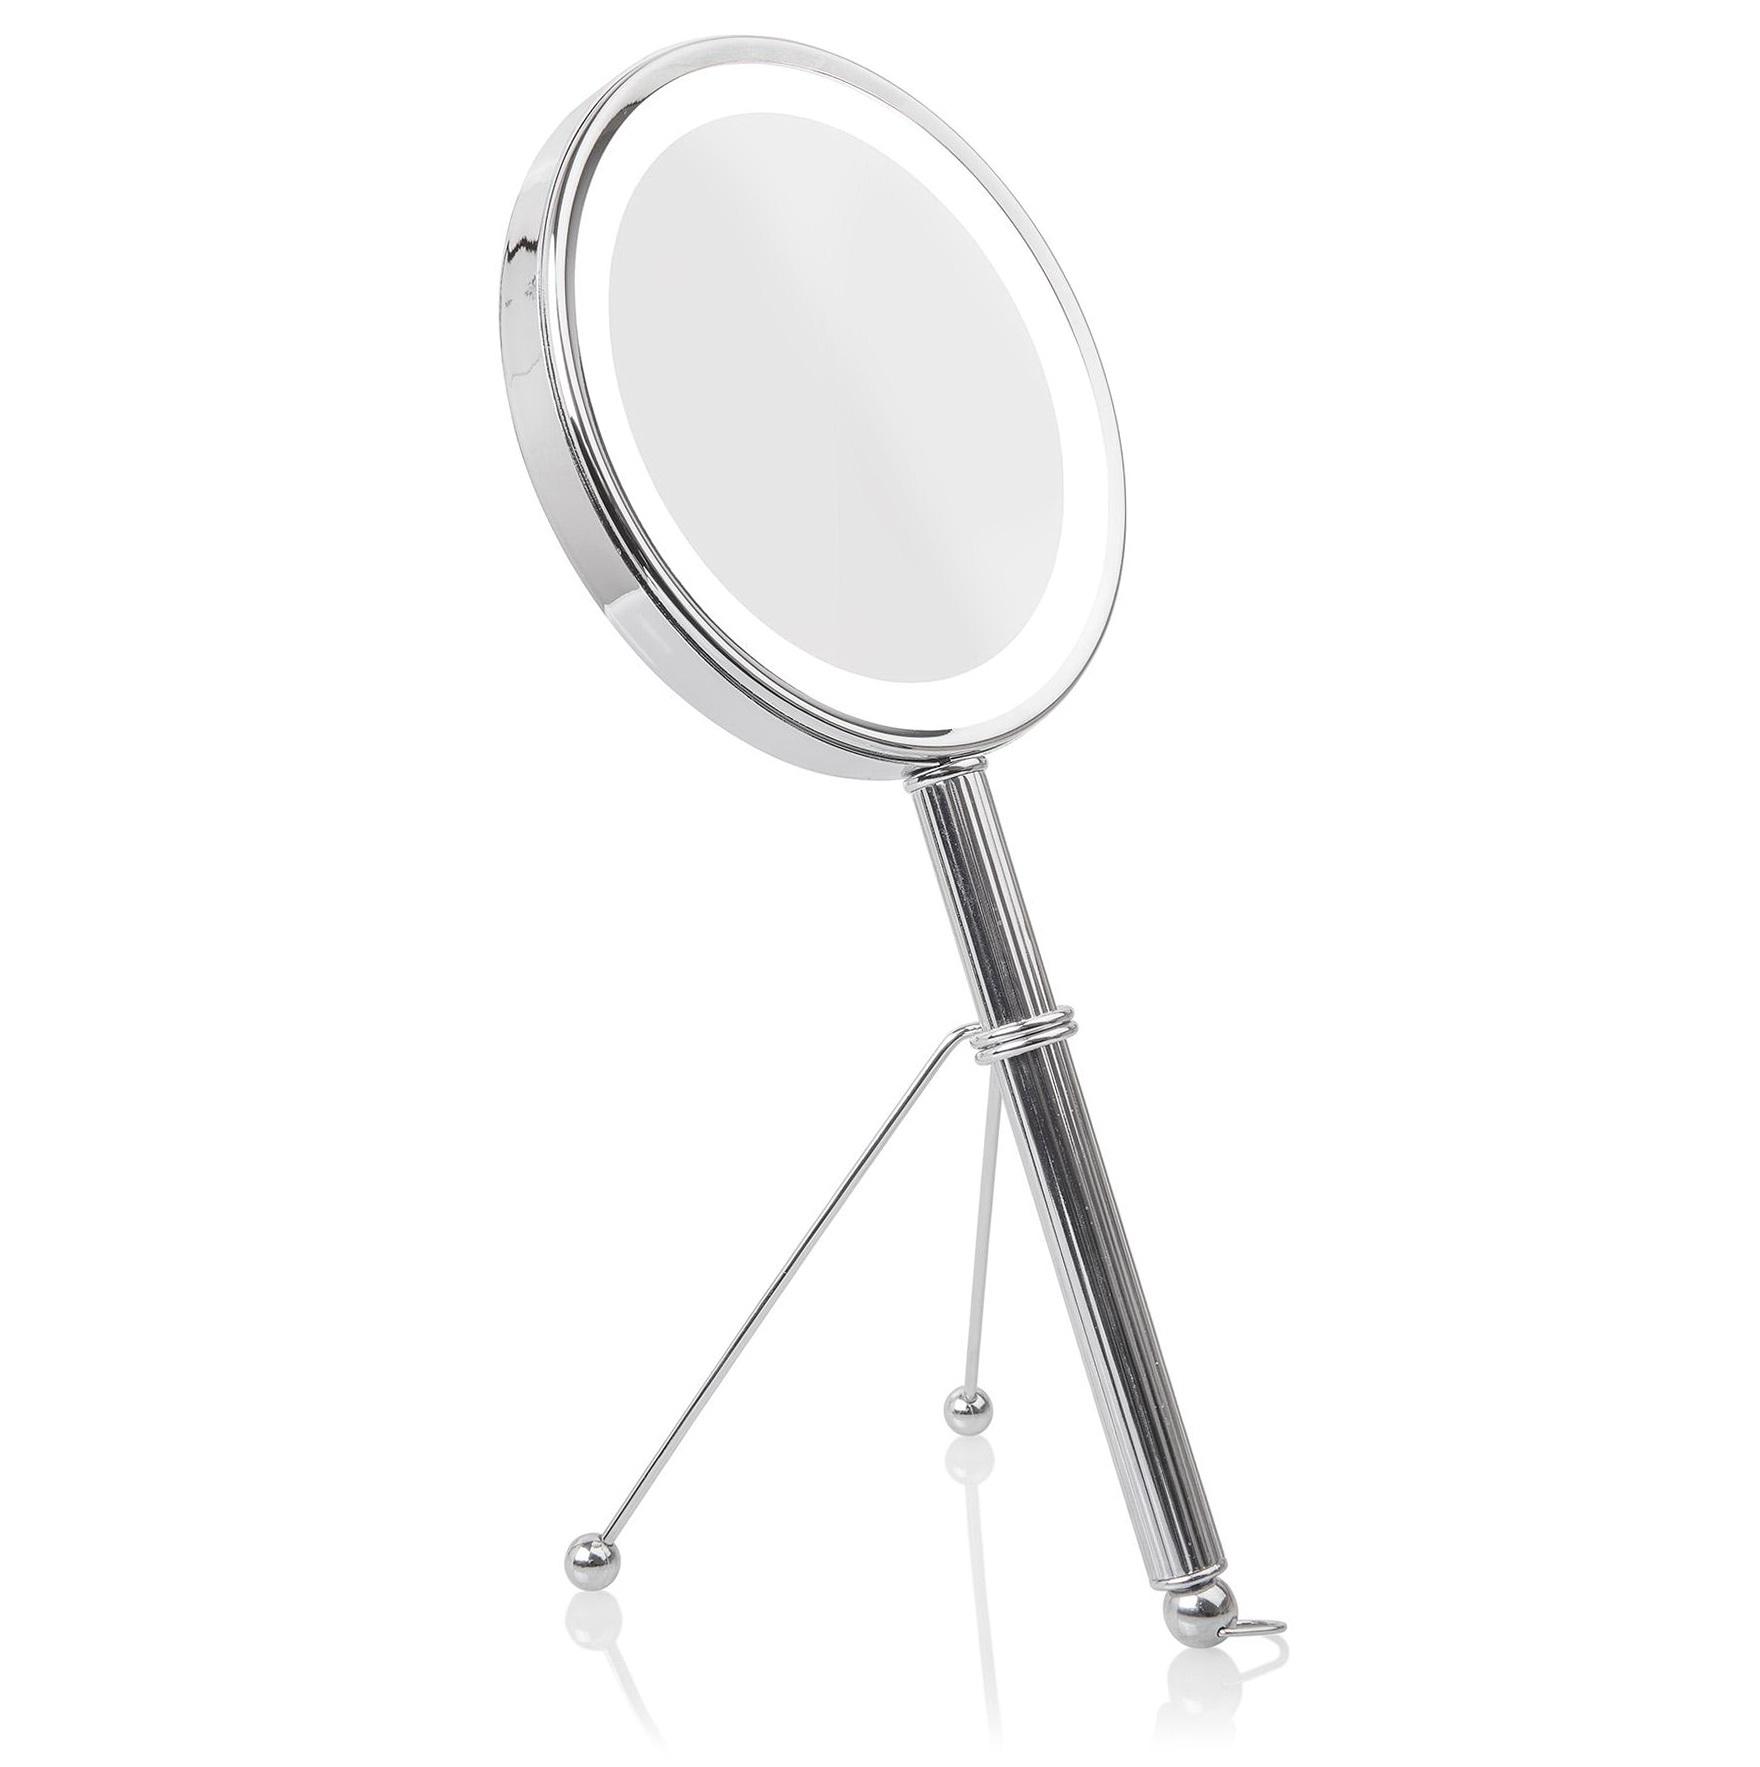 Best Lighted Makeup Mirror 10x